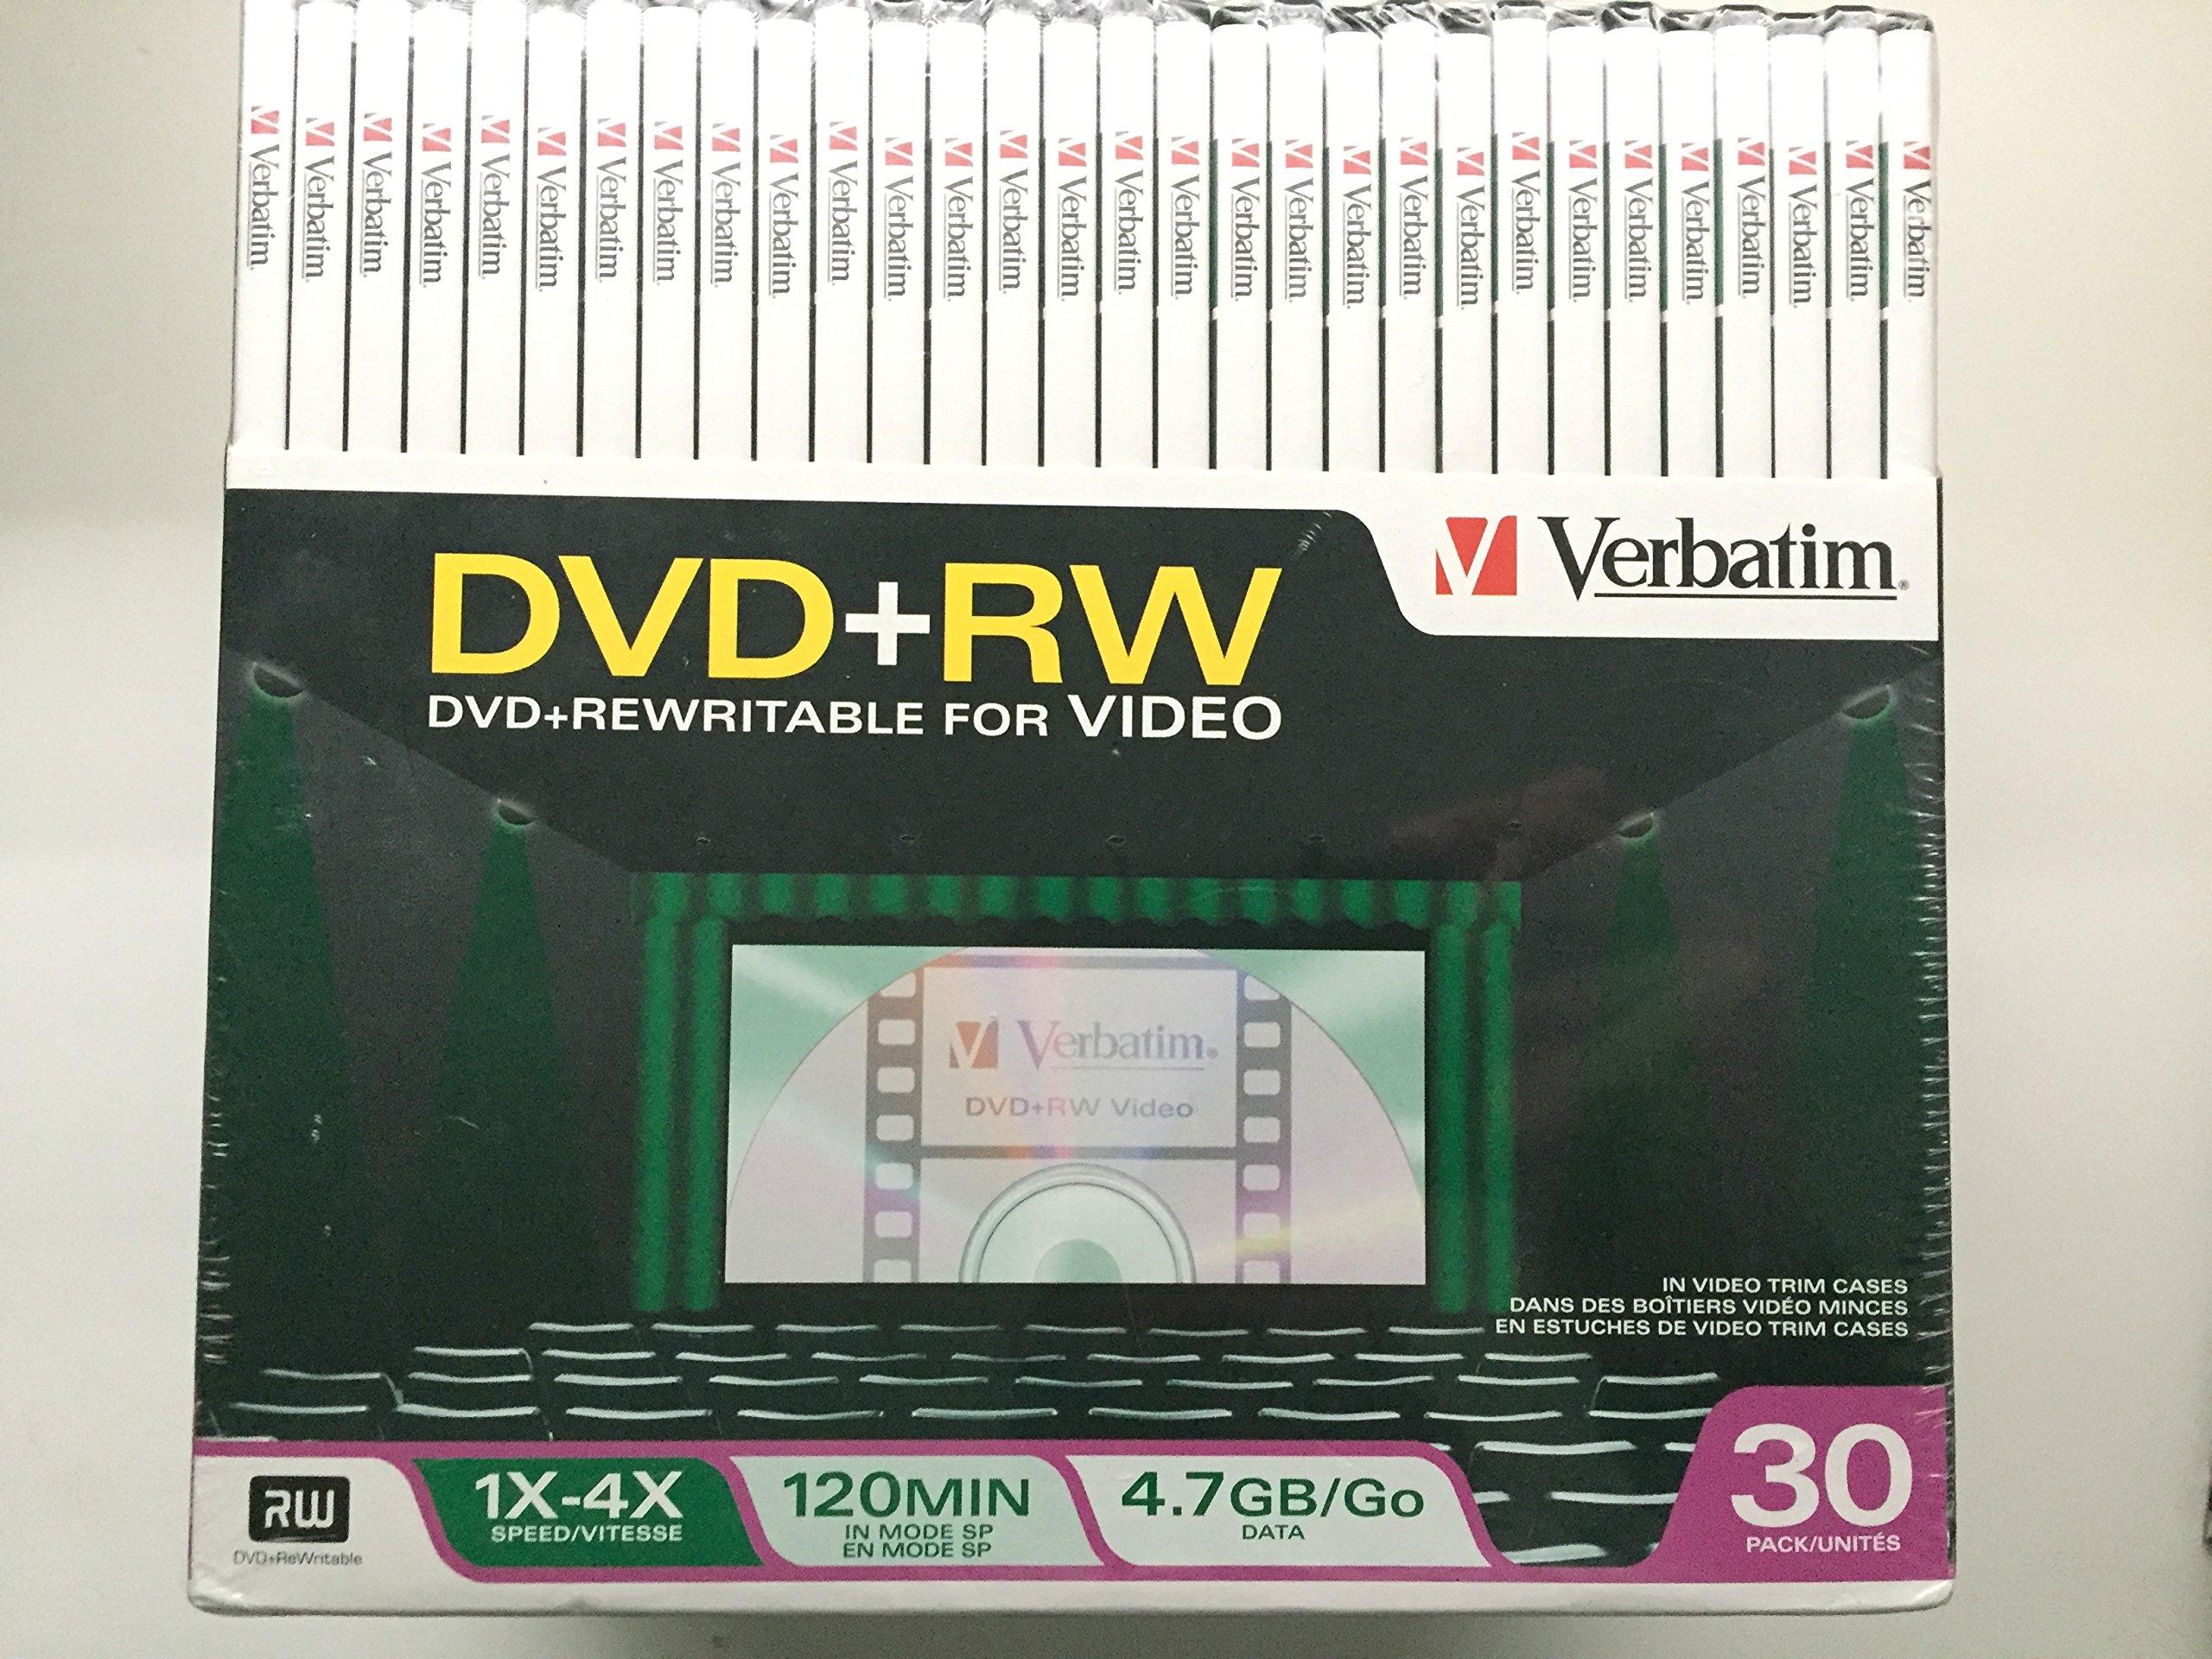 Verbatim 95085 4.7GB 120 Minutes 1X - 4X Rewritable DVD+RW Discs - 30 Pack With Video Trim Cases